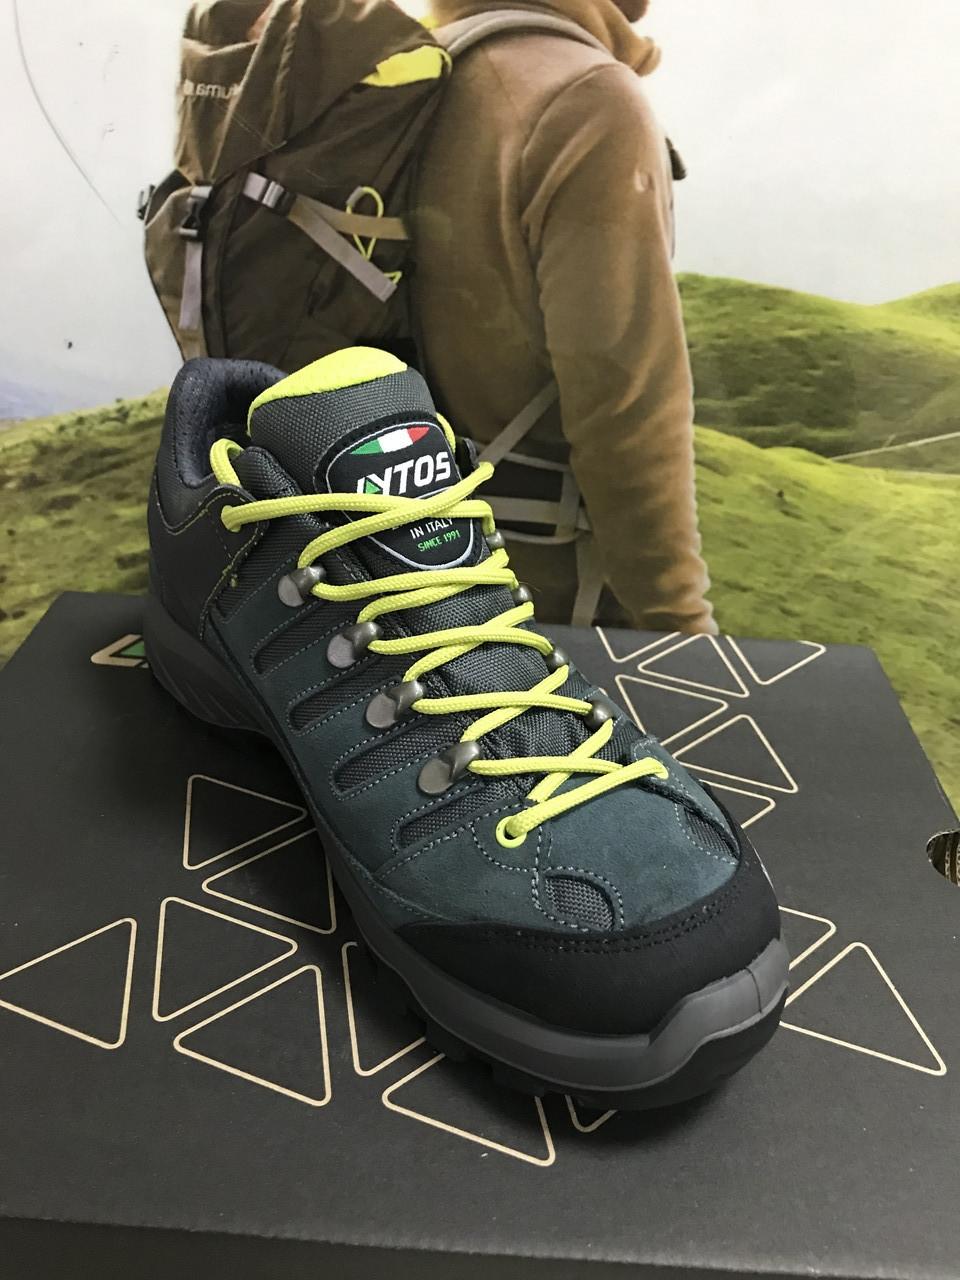 Кросівки унісекс замшеві сірого кольору від італійського бренда взуття Lytos.